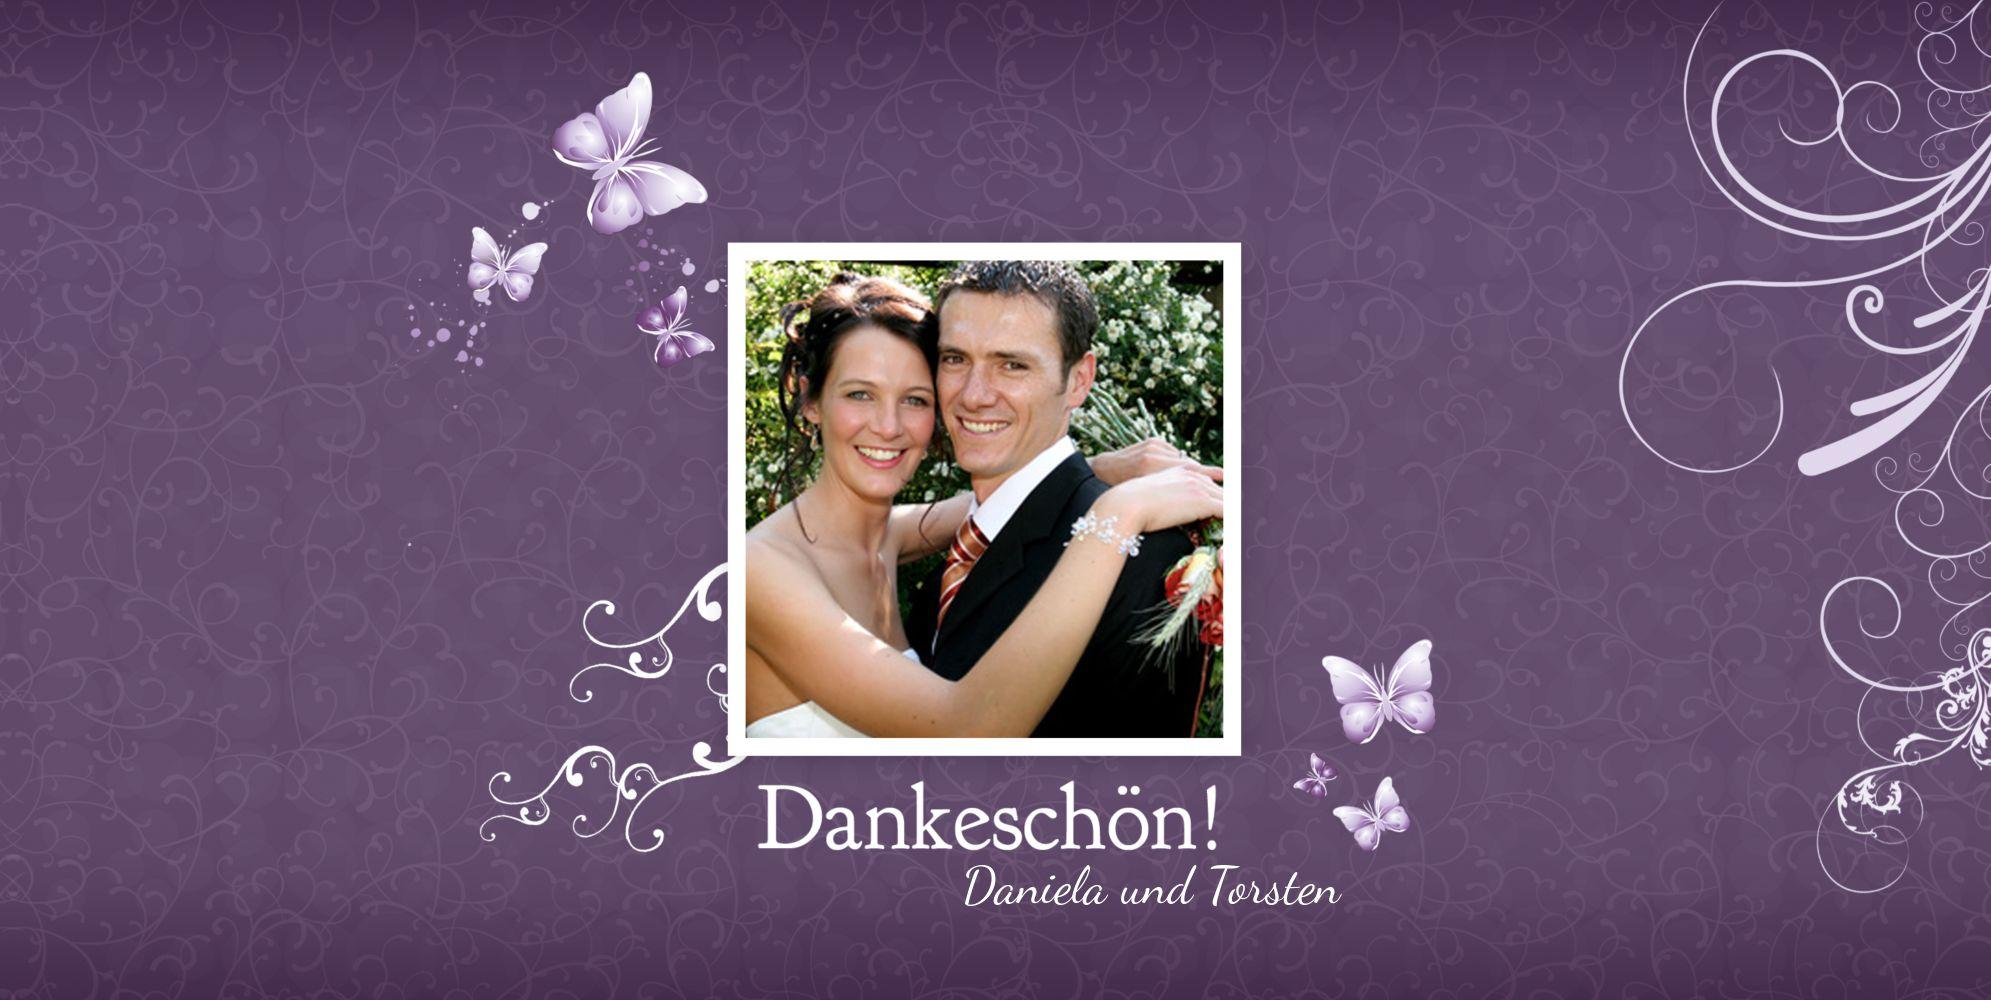 Ansicht 3 - Hochzeit Danke Din butterfly